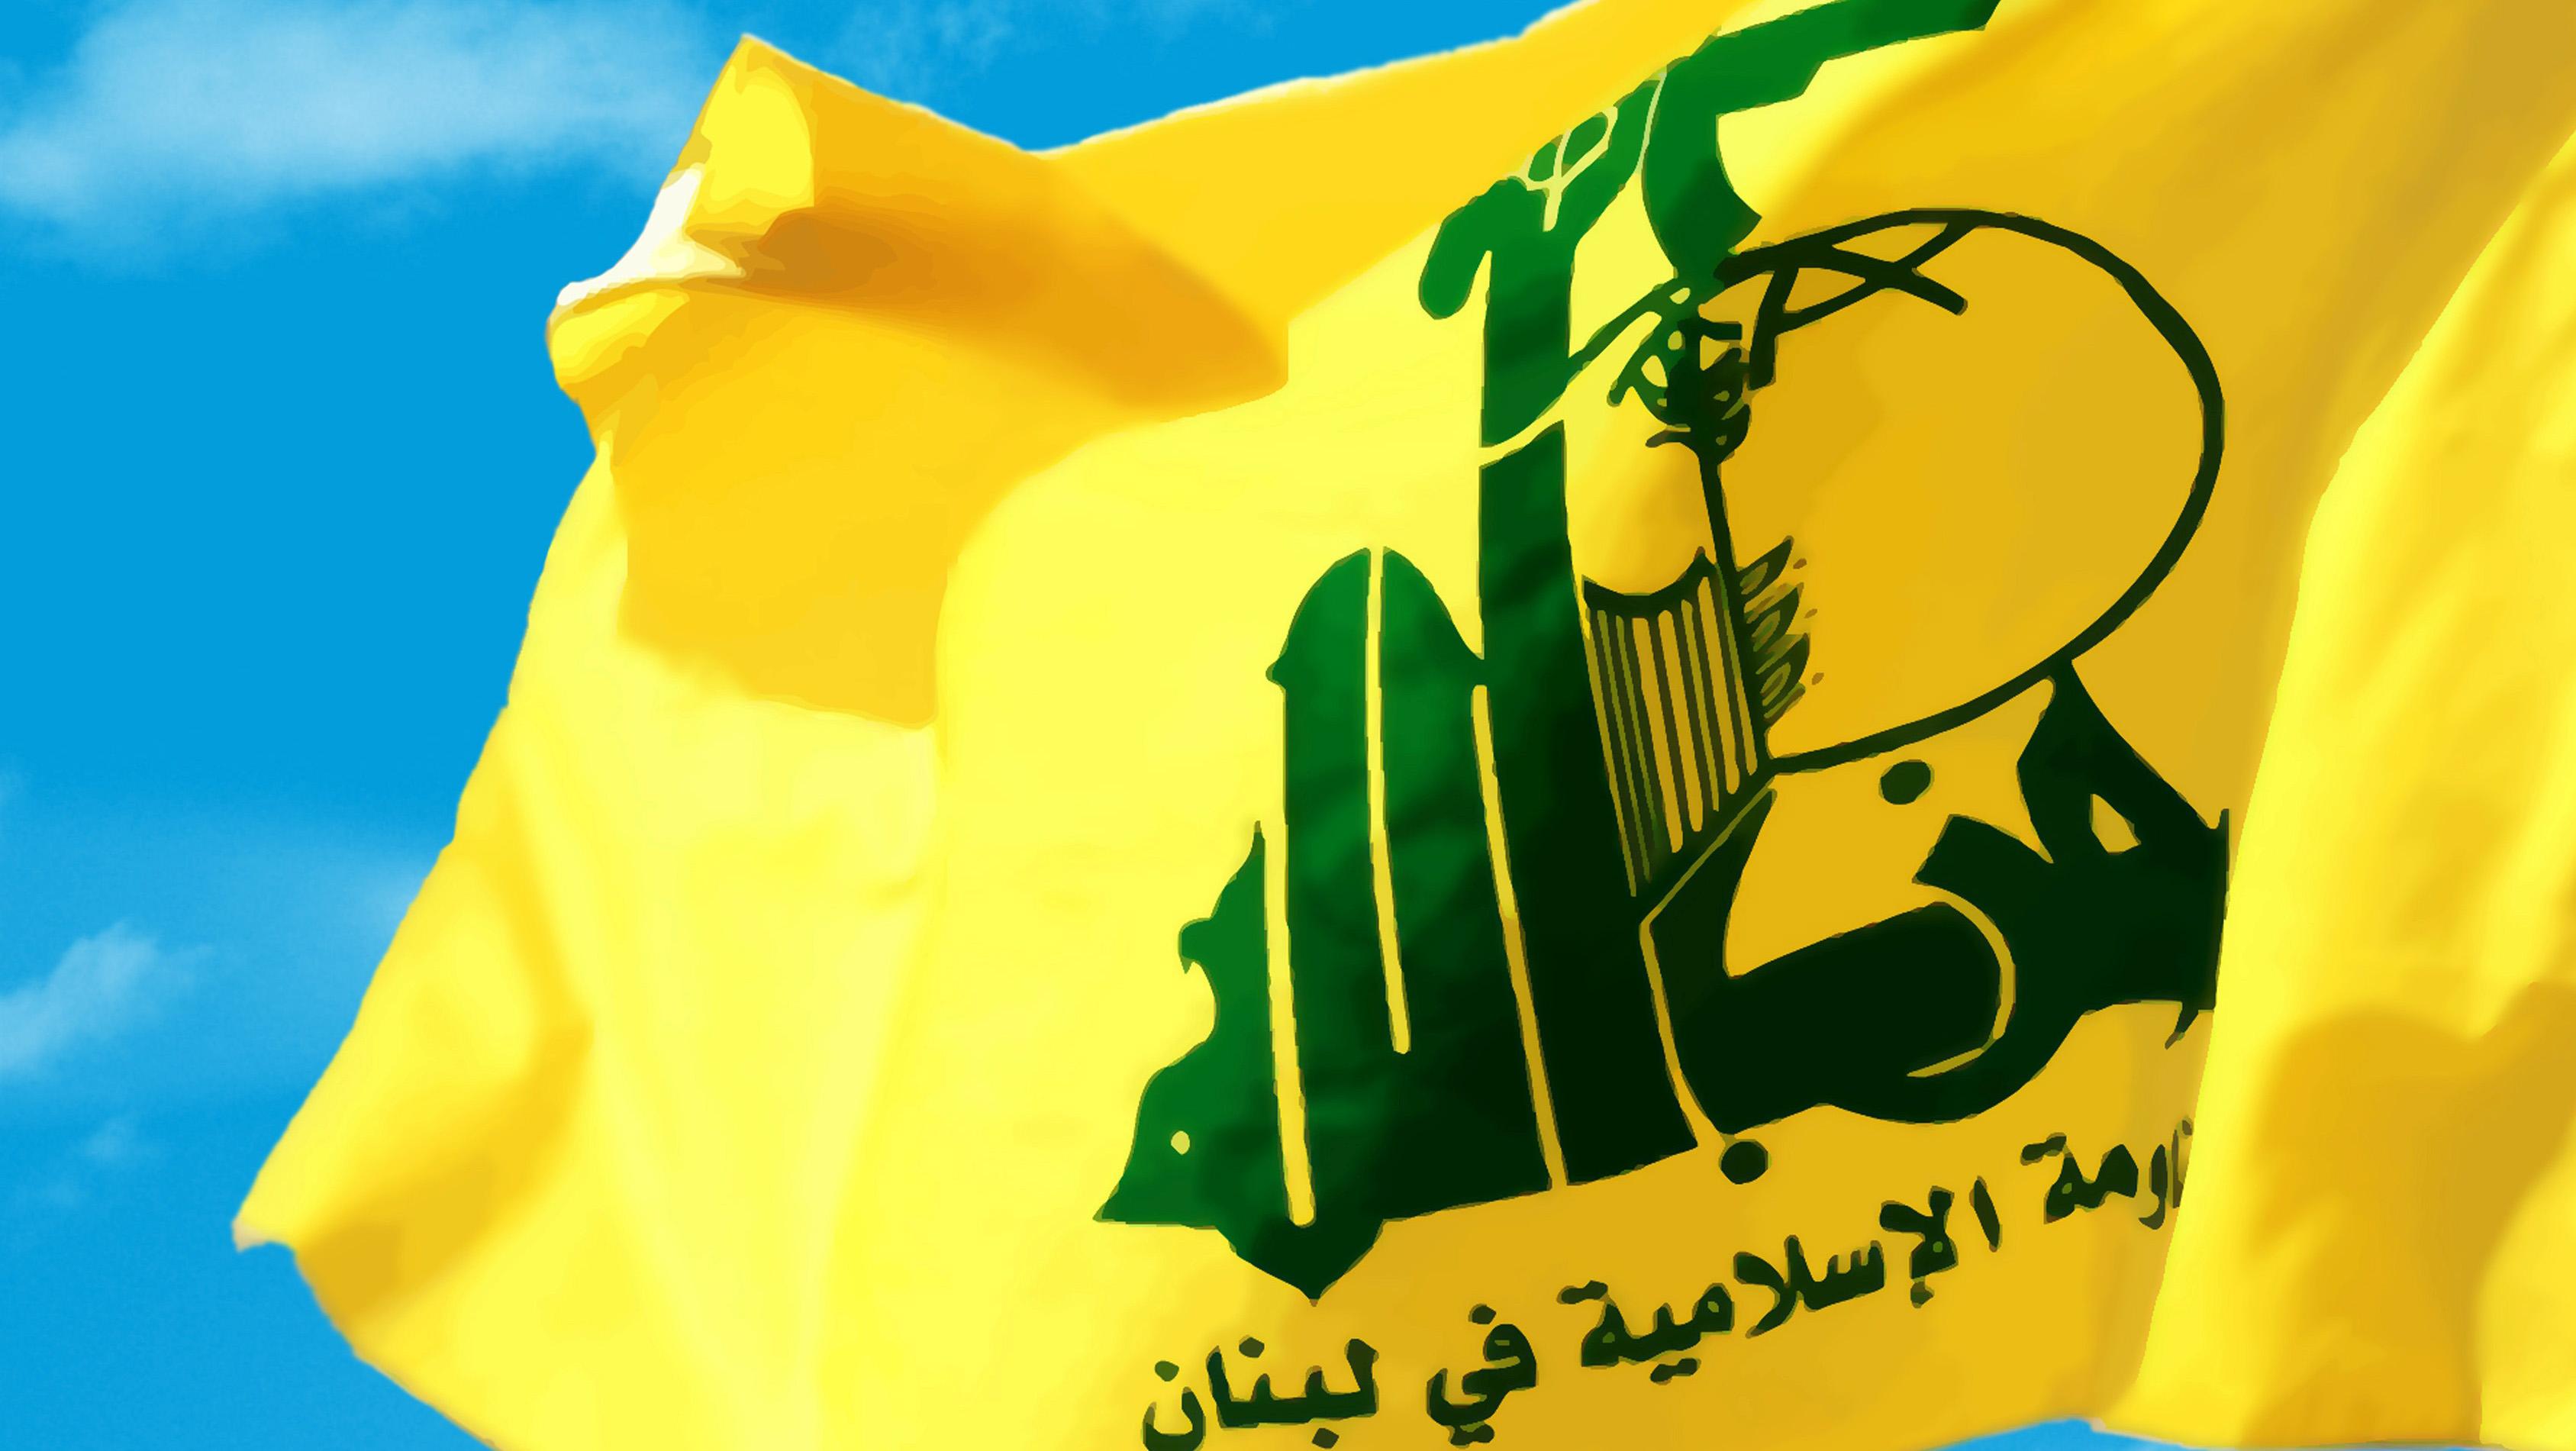 حزبالله درگذشت رئیس مجمع تشخیص مصلحت نظام را تسلیت گفت.